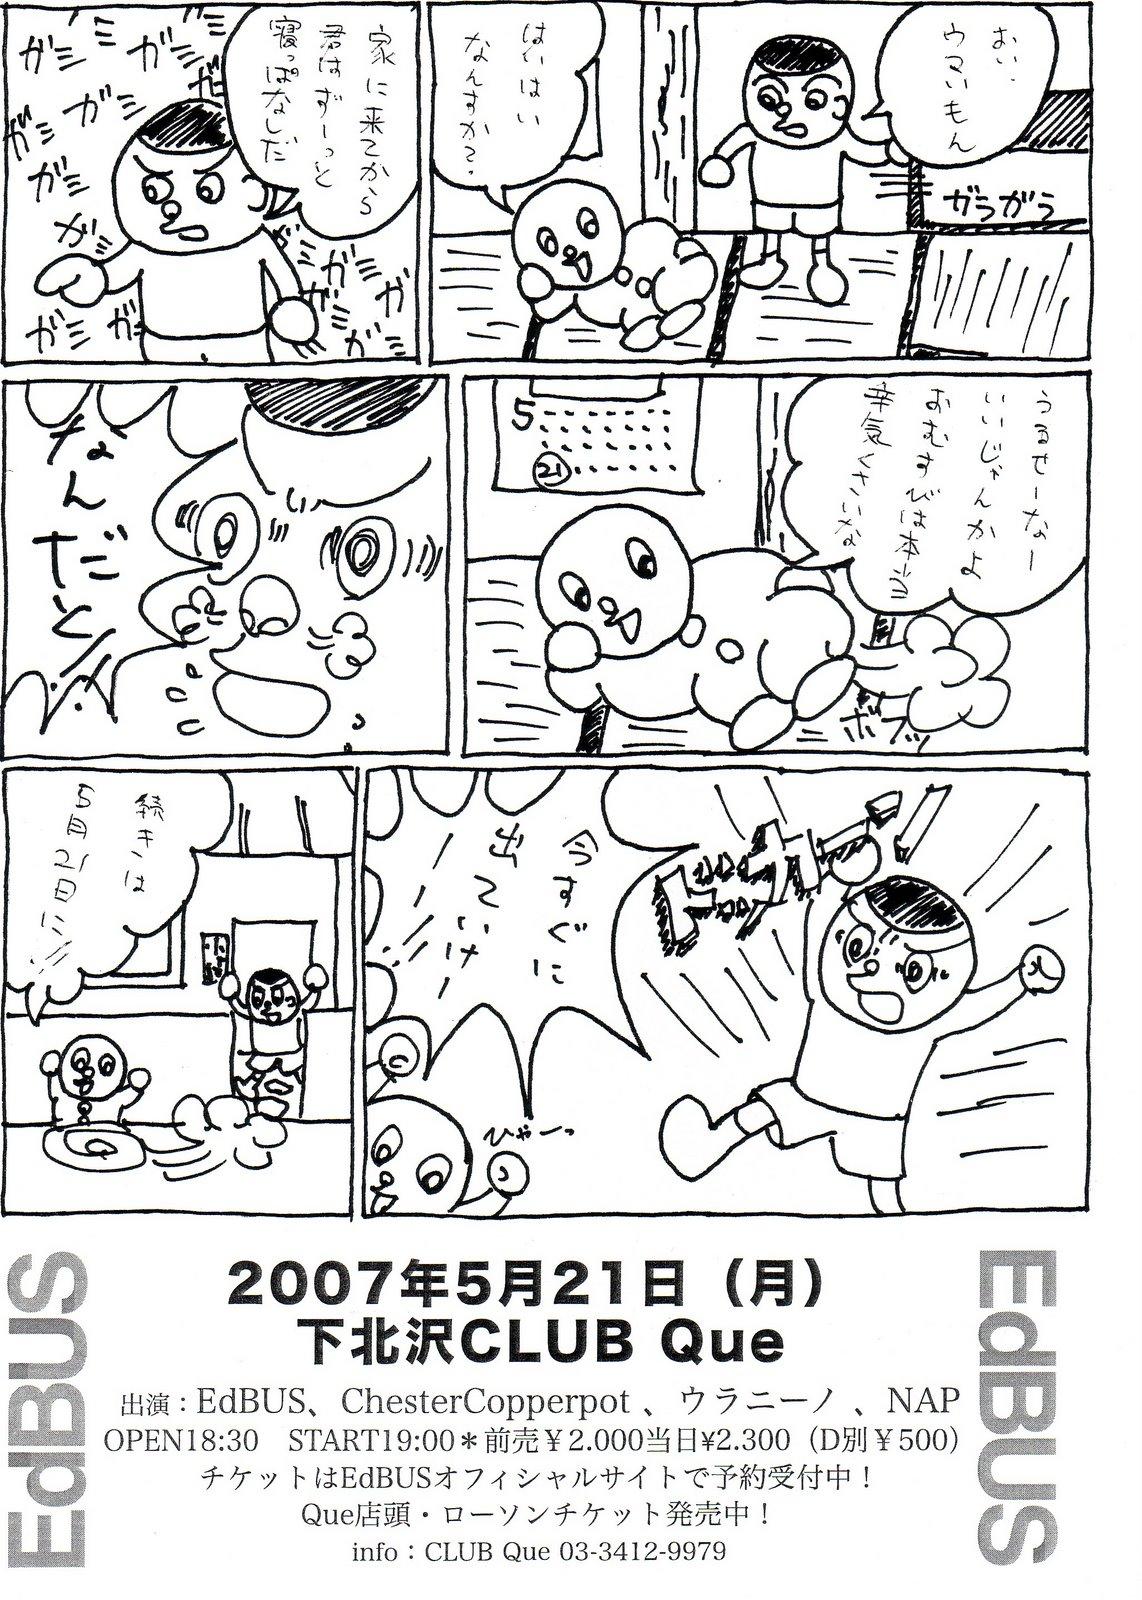 [flier1]